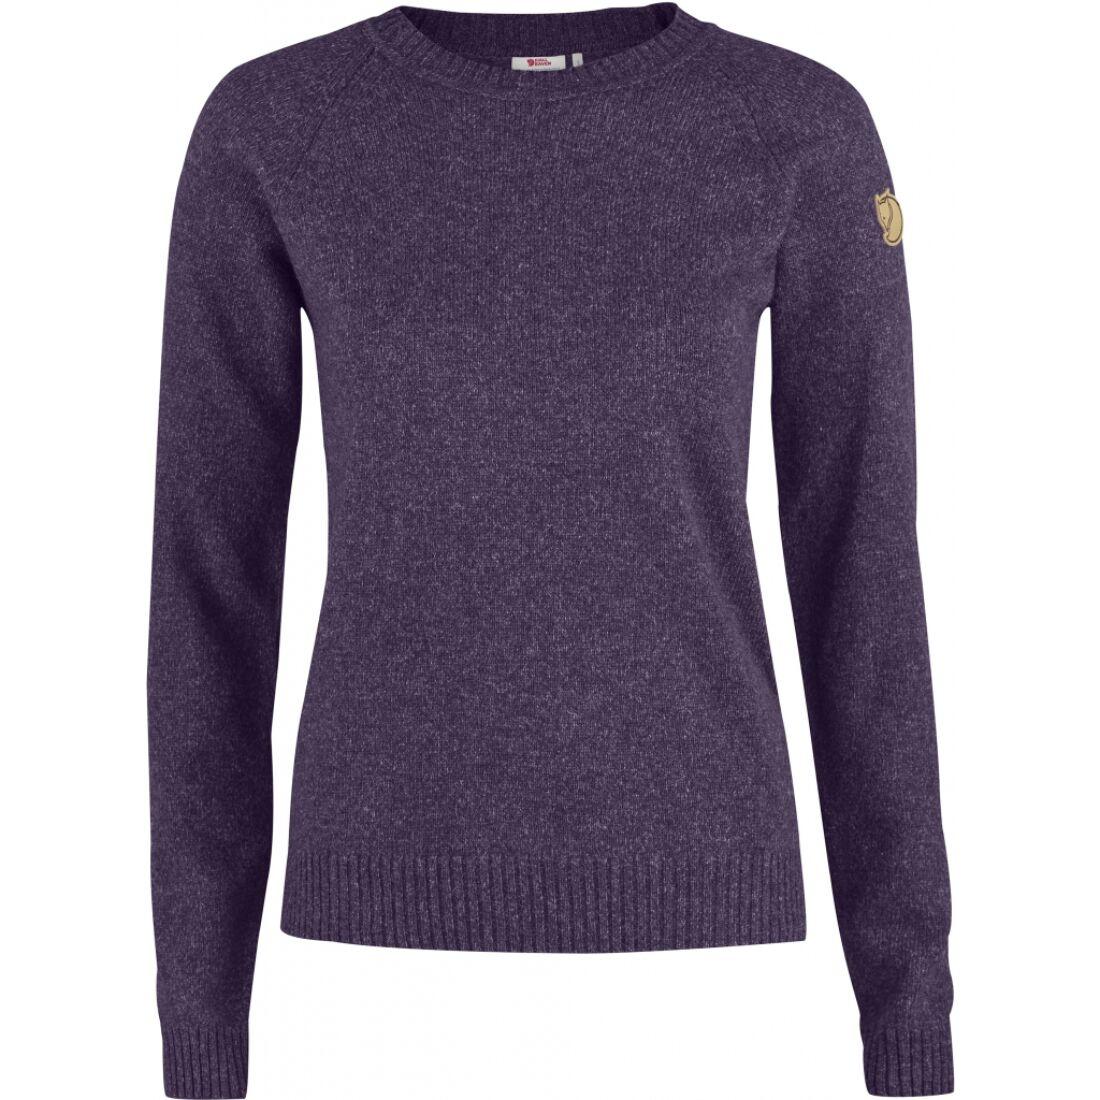 e8c0880308 Fjällräven Övik Re-Wool Sweater női pulóver - Fjallraven túrabolt és ...